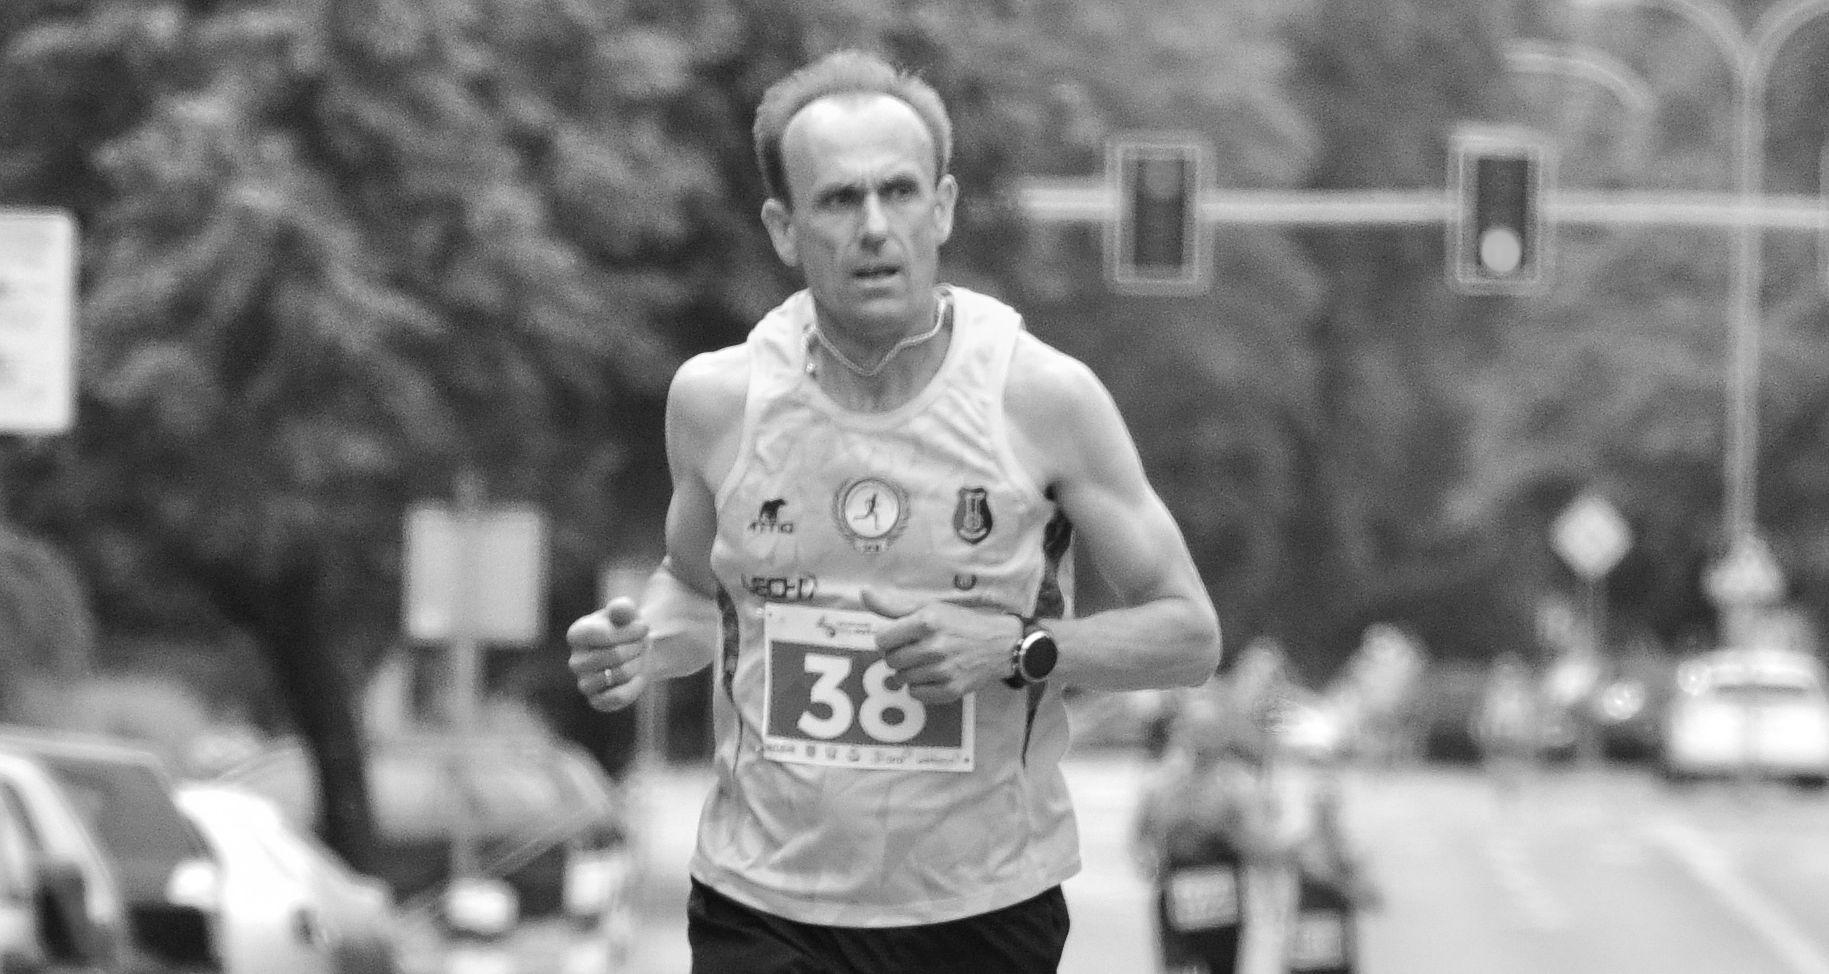 Nie żyje ceniony biegacz i społecznik Bogdan Dziuba! Wiemy kiedy będzie pogrzeb [ZDJĘCIA, AKTUALIZACJA] - Zdjęcie główne